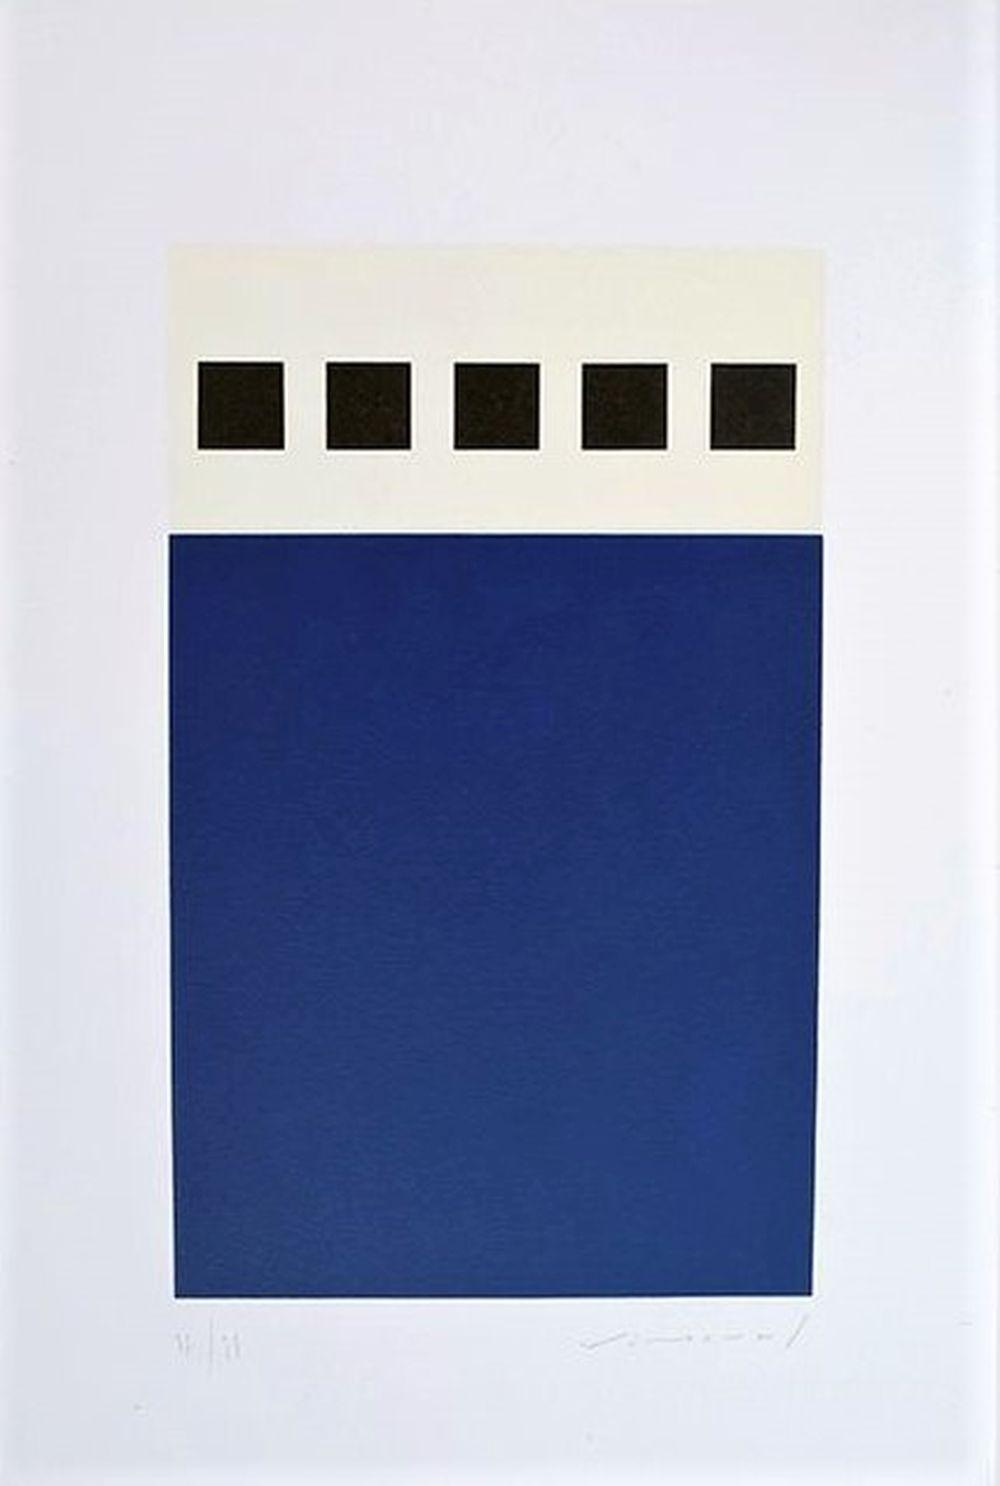 Aurélie Nemours - Point cinq, 1991